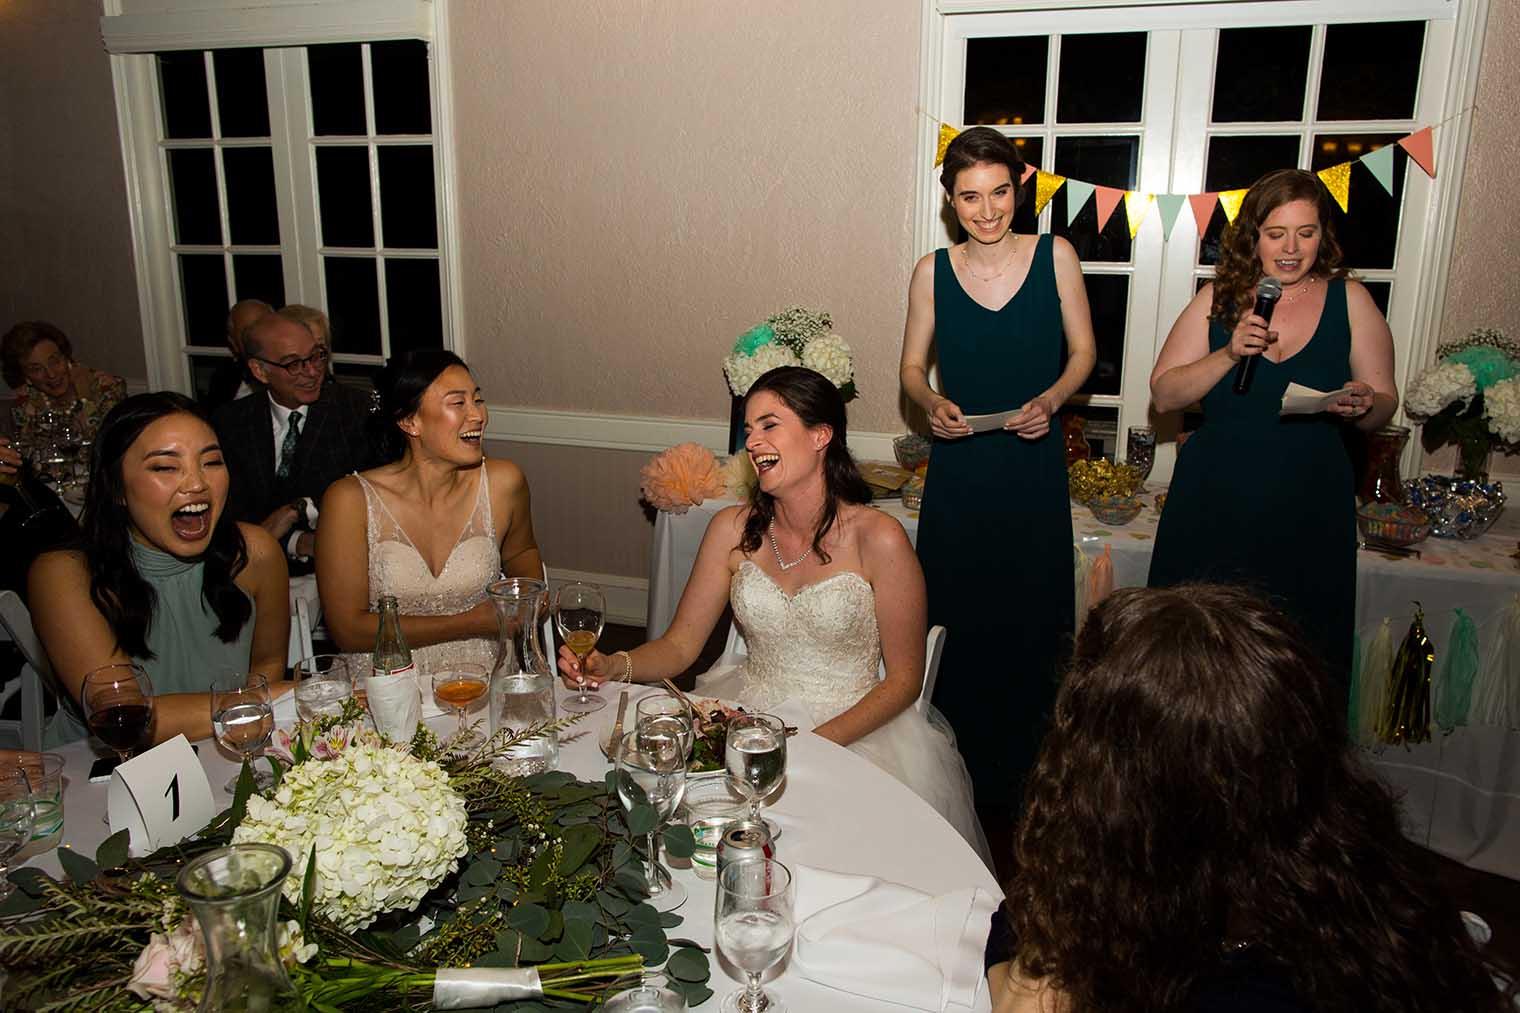 Piedmont Community Hall Wedding Toasts